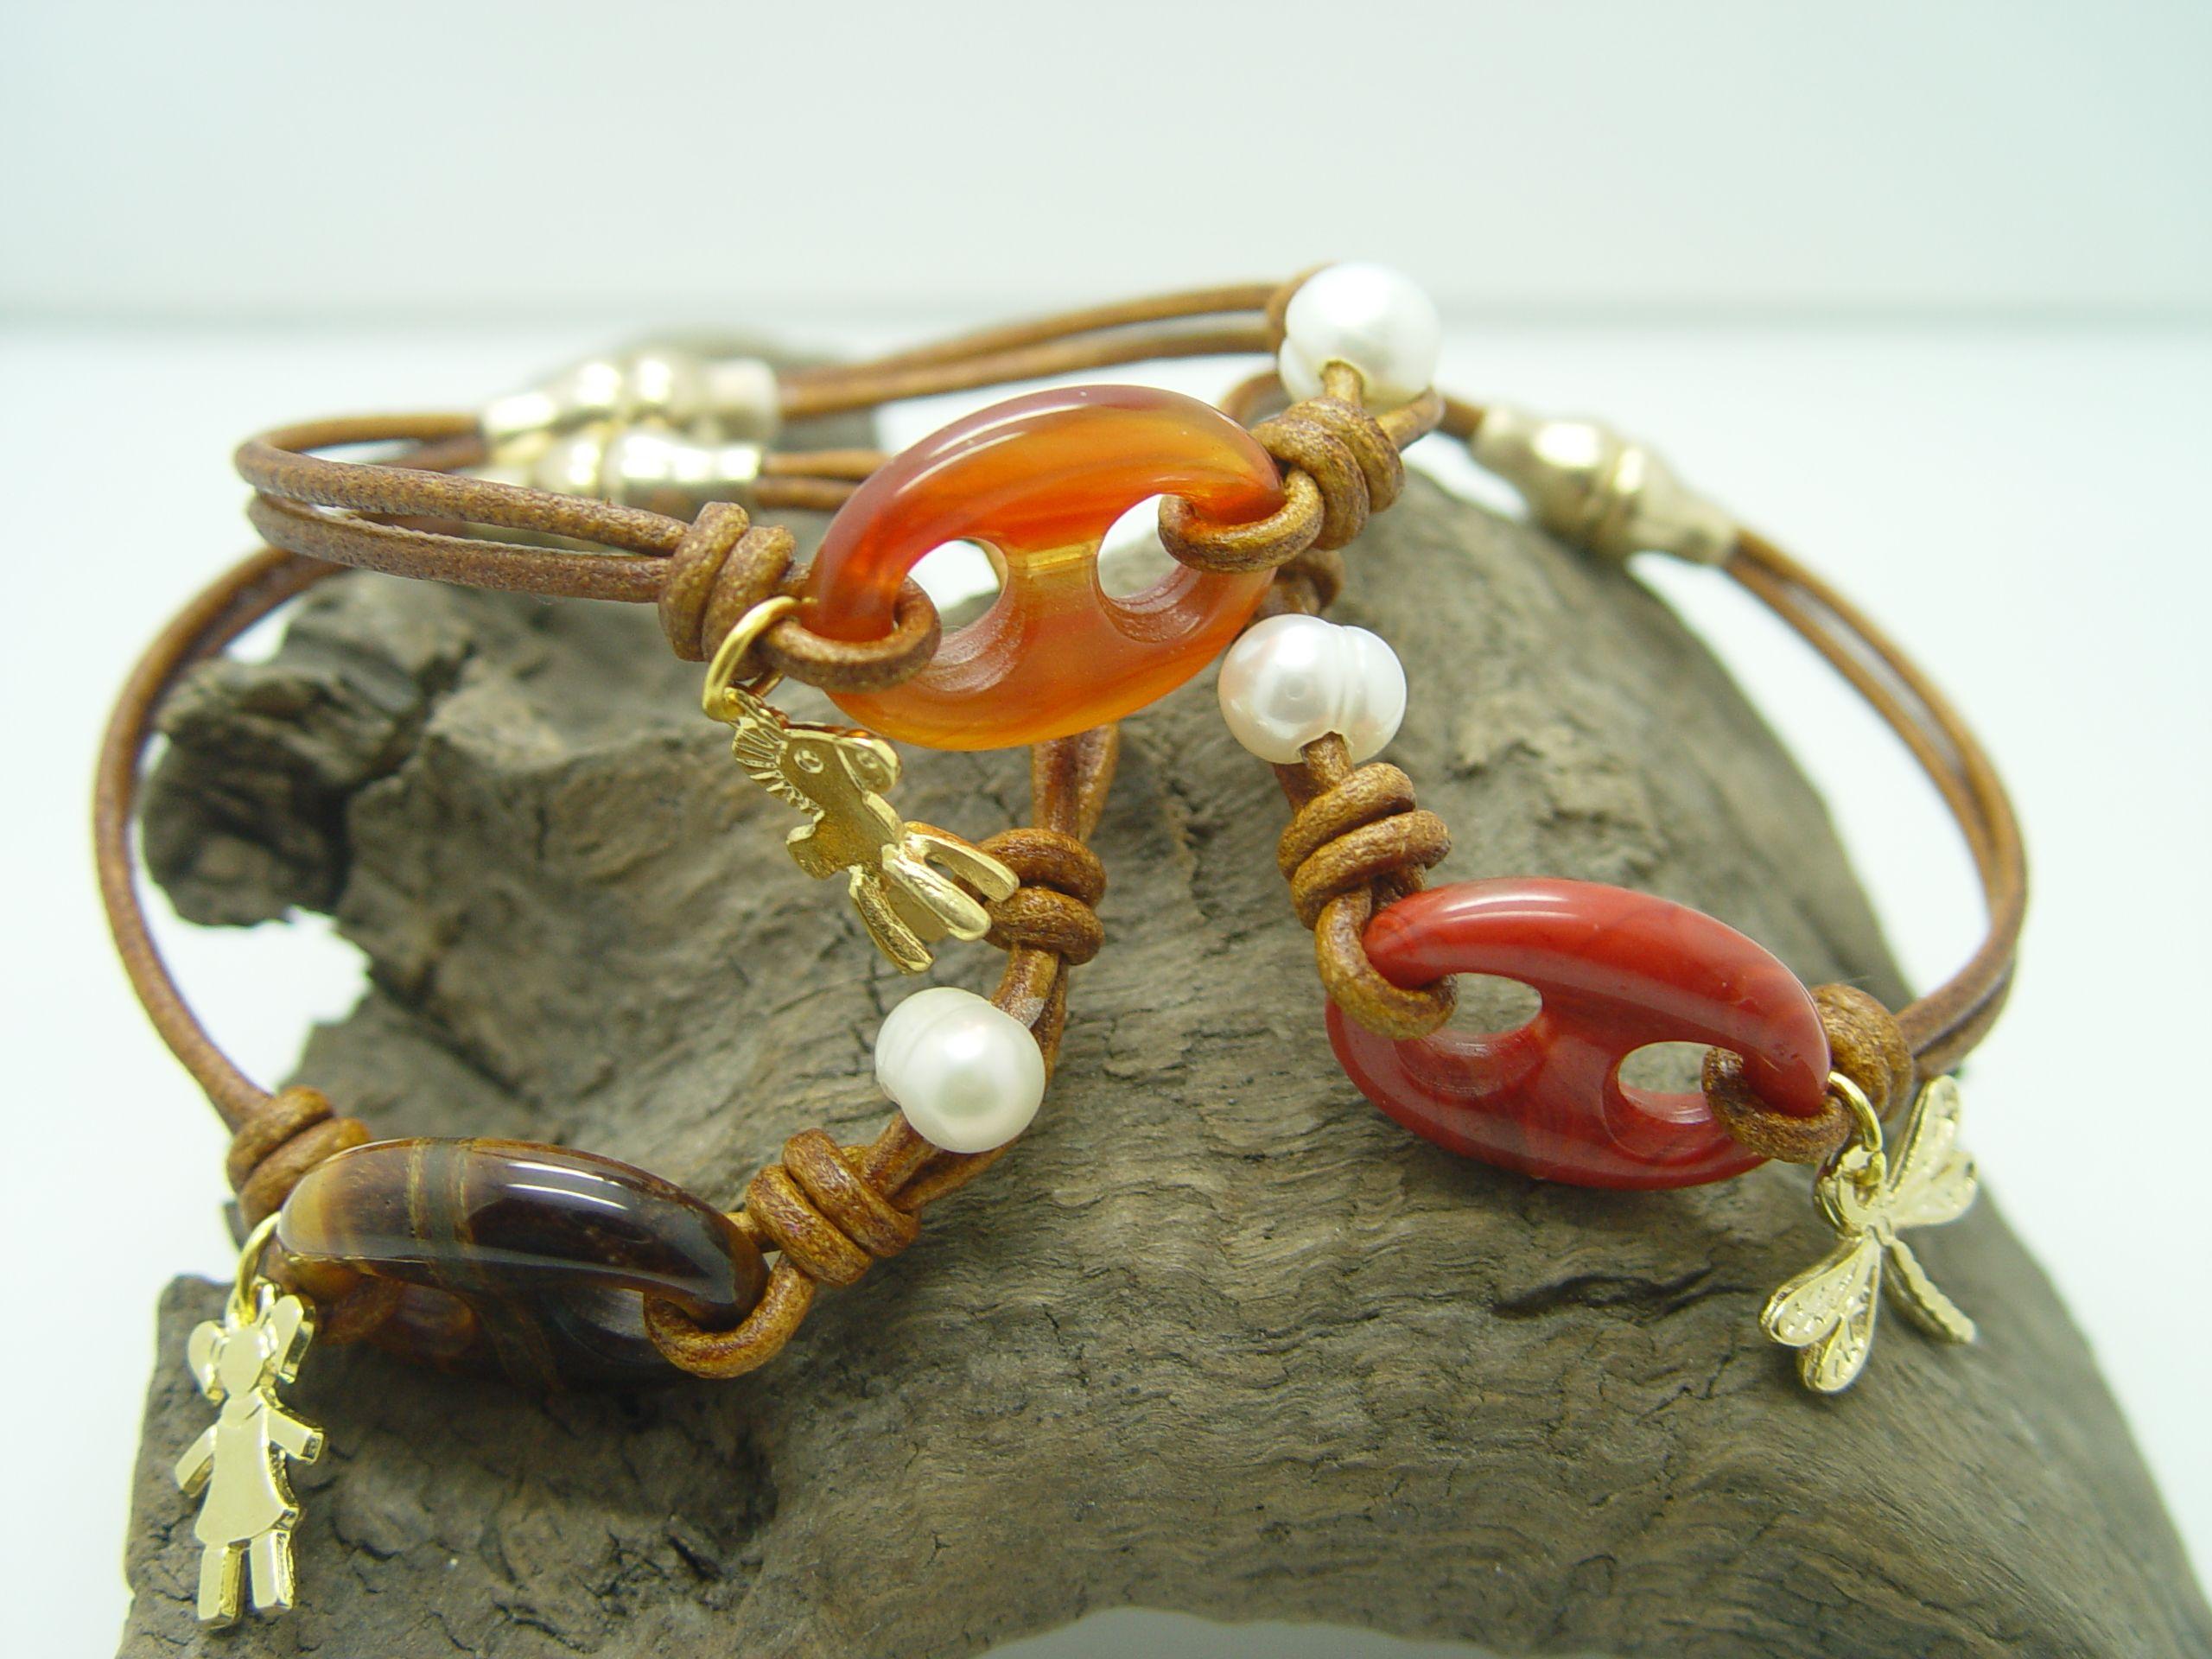 Pulsera con calabrote en piedra natural, perla cultivada y cuero.